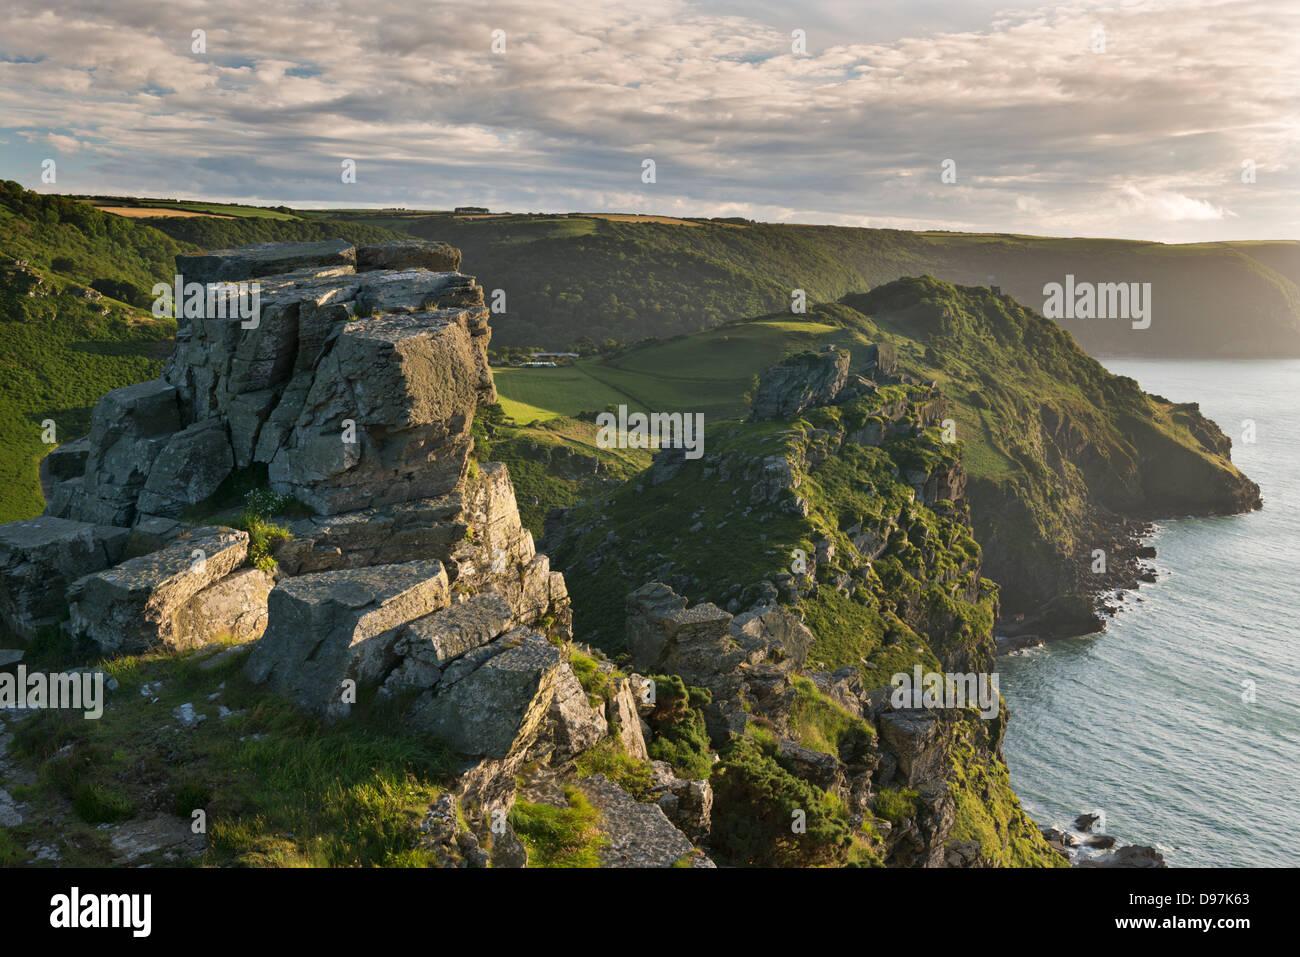 D'imposantes falaises à La Vallée des Roches, Exmoor, Devon, Angleterre. L'été (juillet) Photo Stock